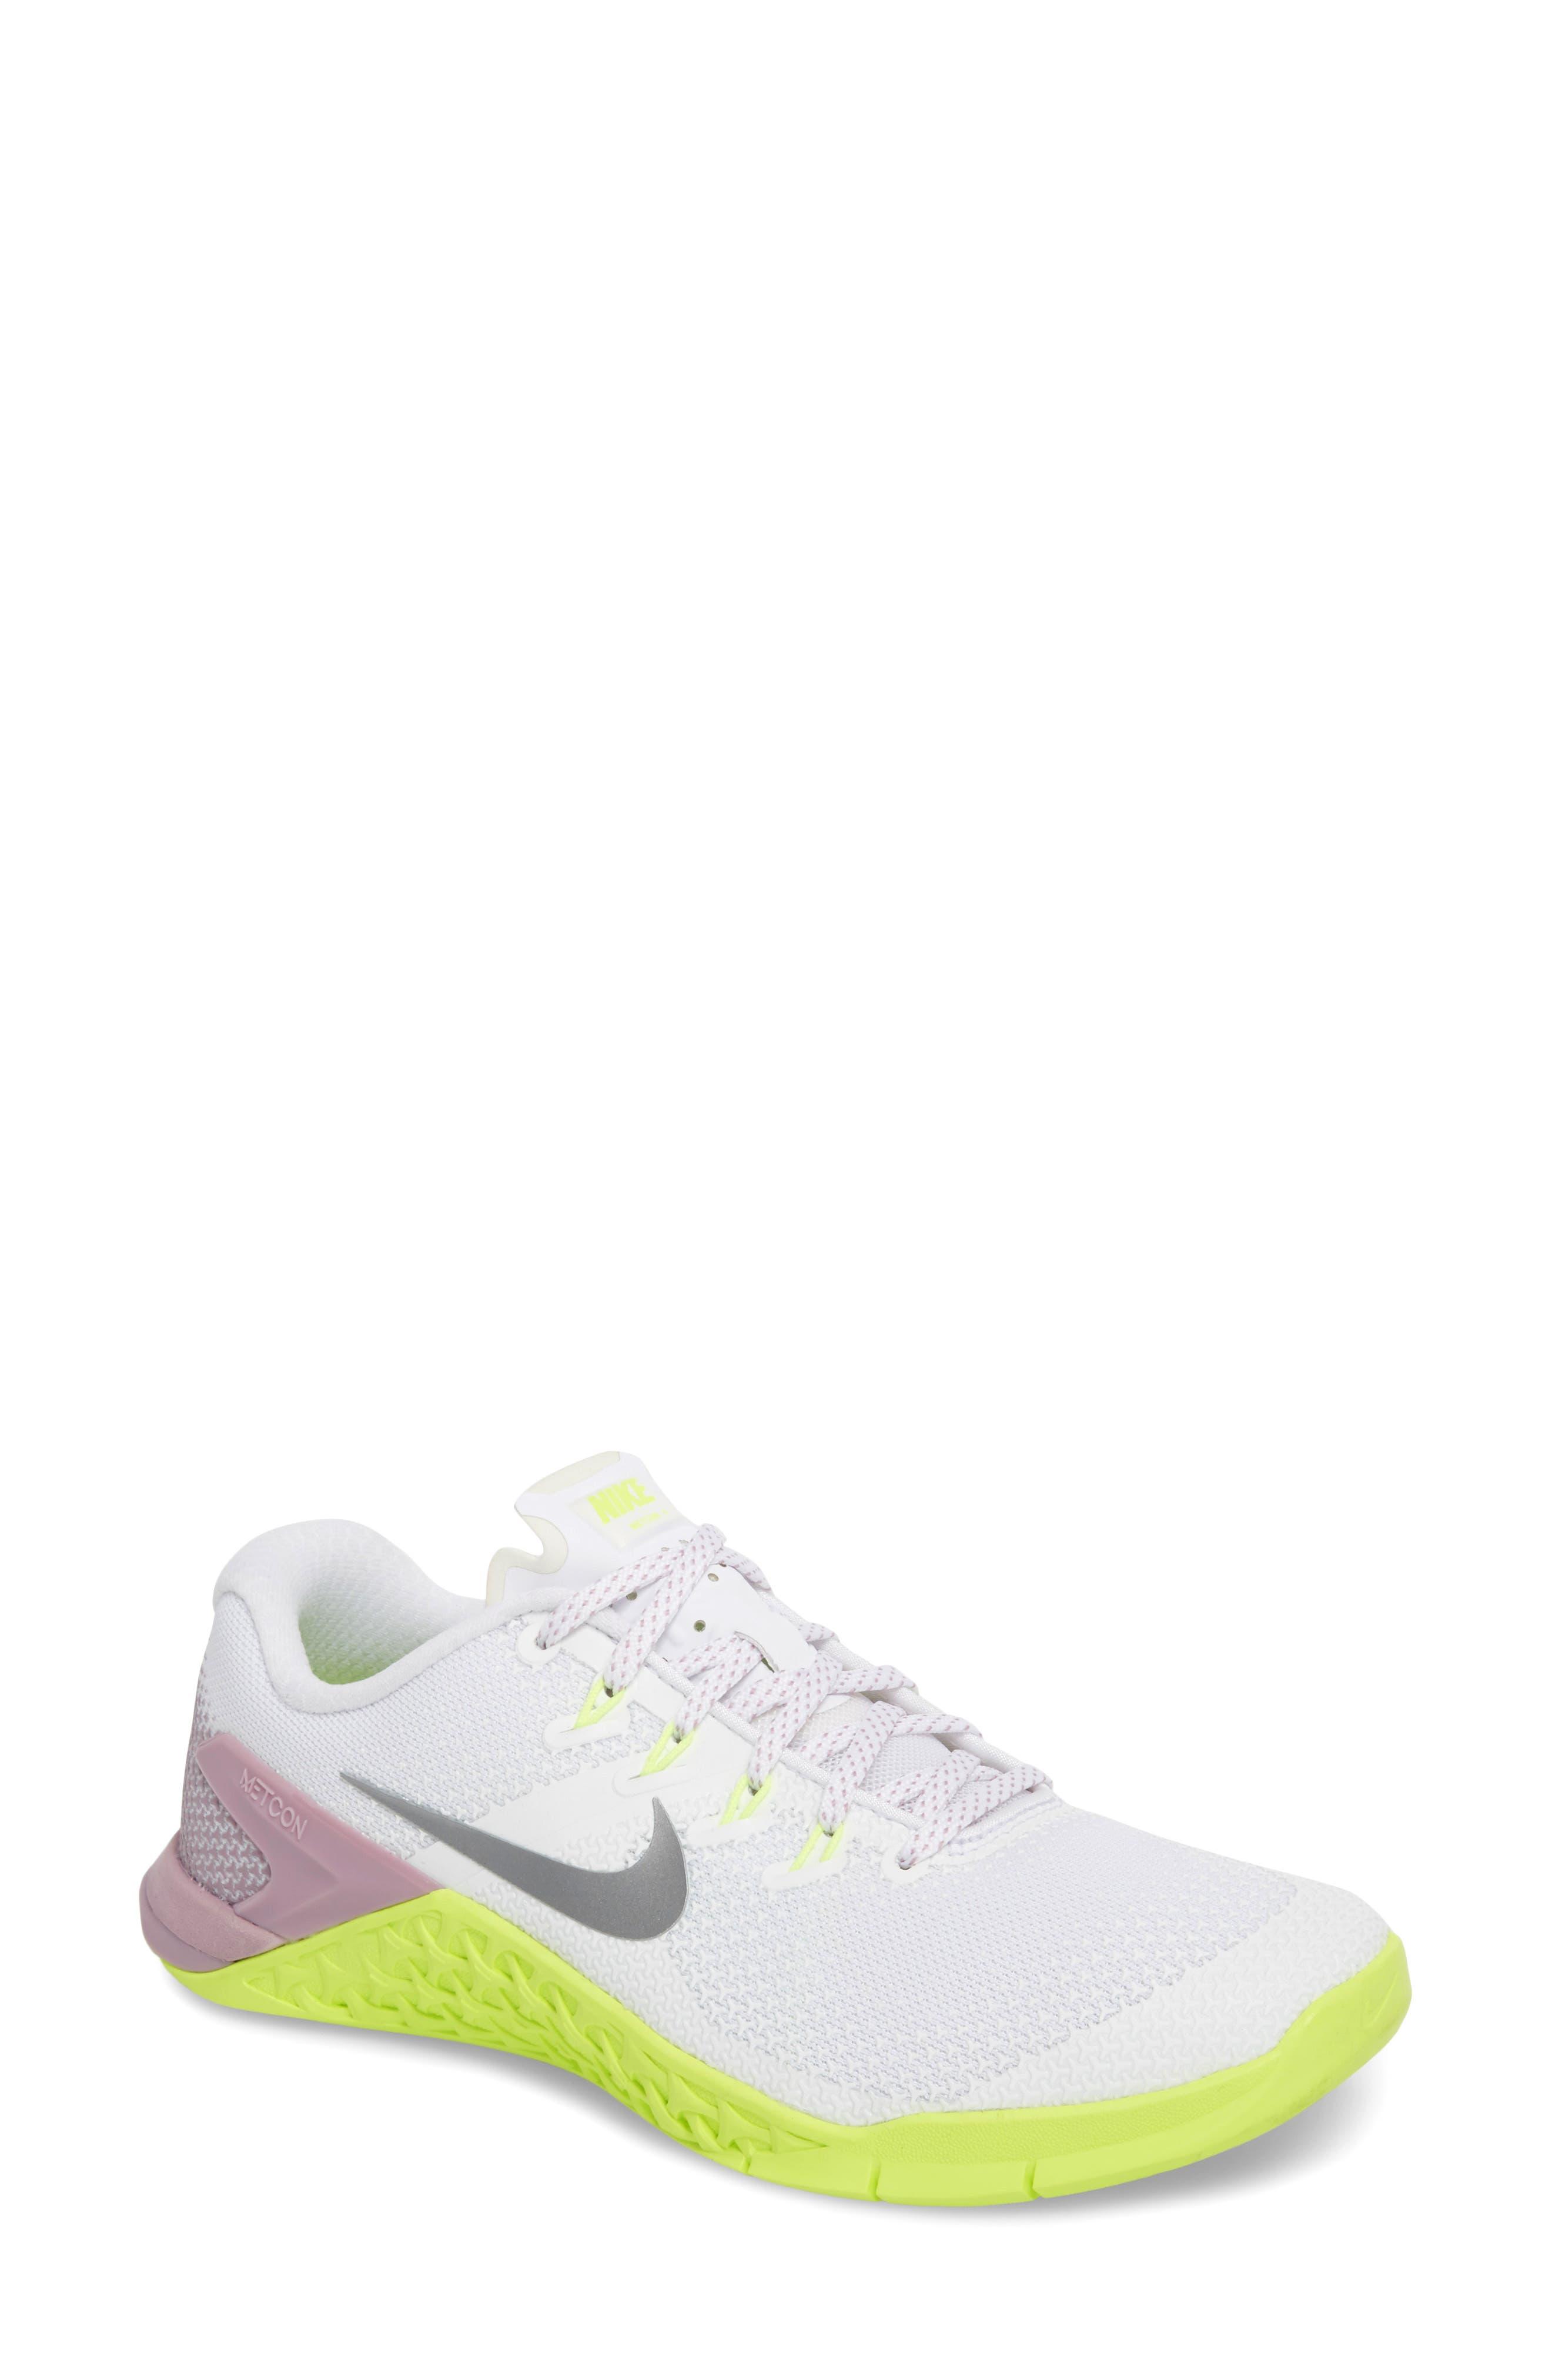 NIKE Metcon 4 Training Shoe, White/ Silver/ Elemental Rose